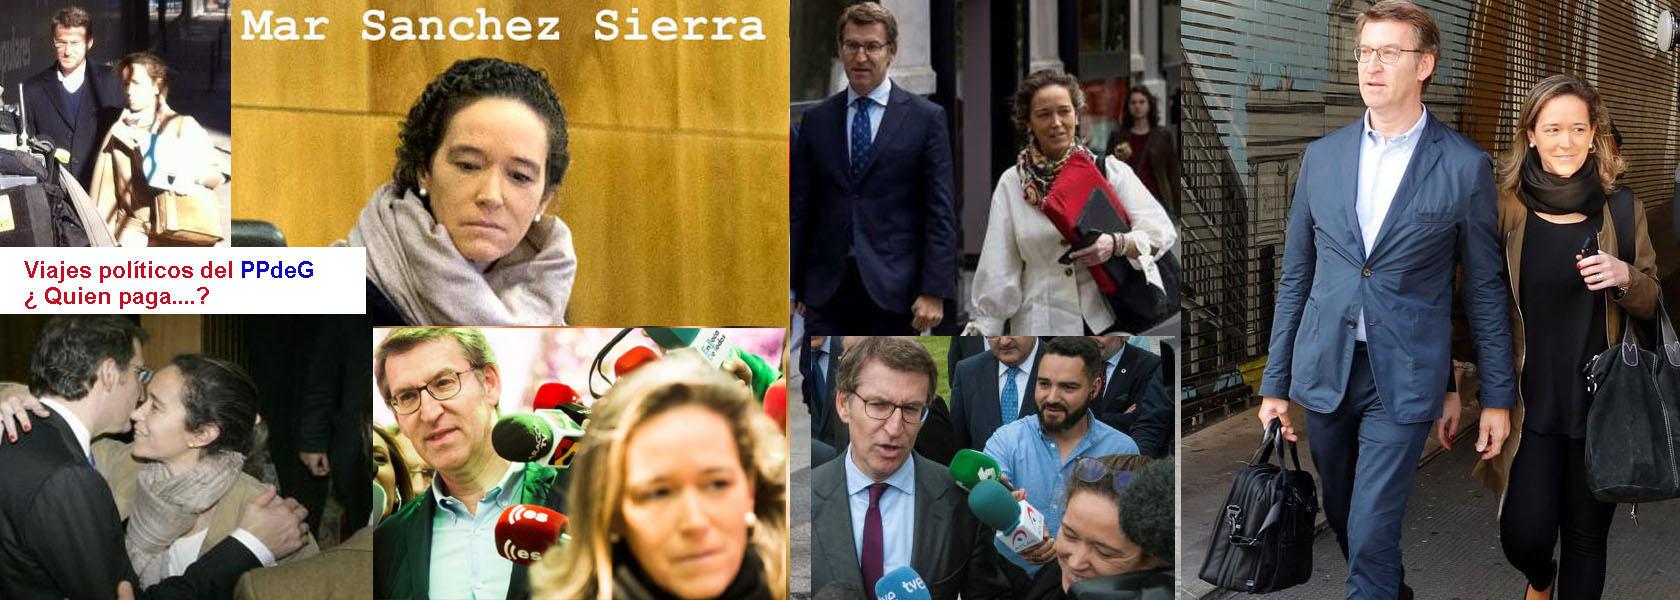 Maria del Mar Sanchez Sierra y Feijoo declinan aclarar quien les paga los Viajes Politicos a genova